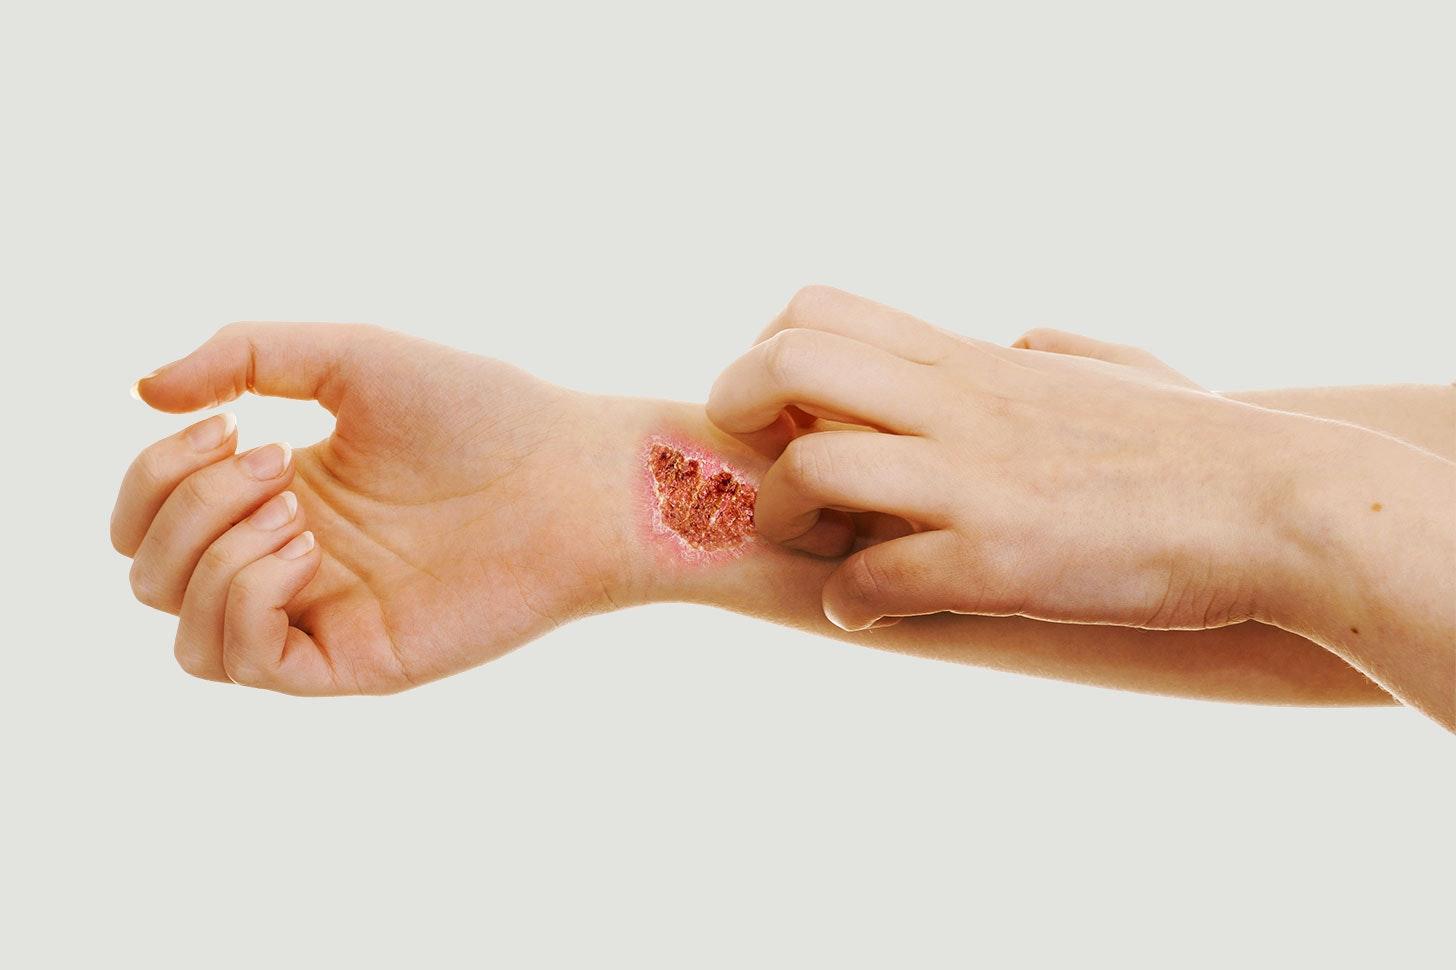 huden klør og brænder